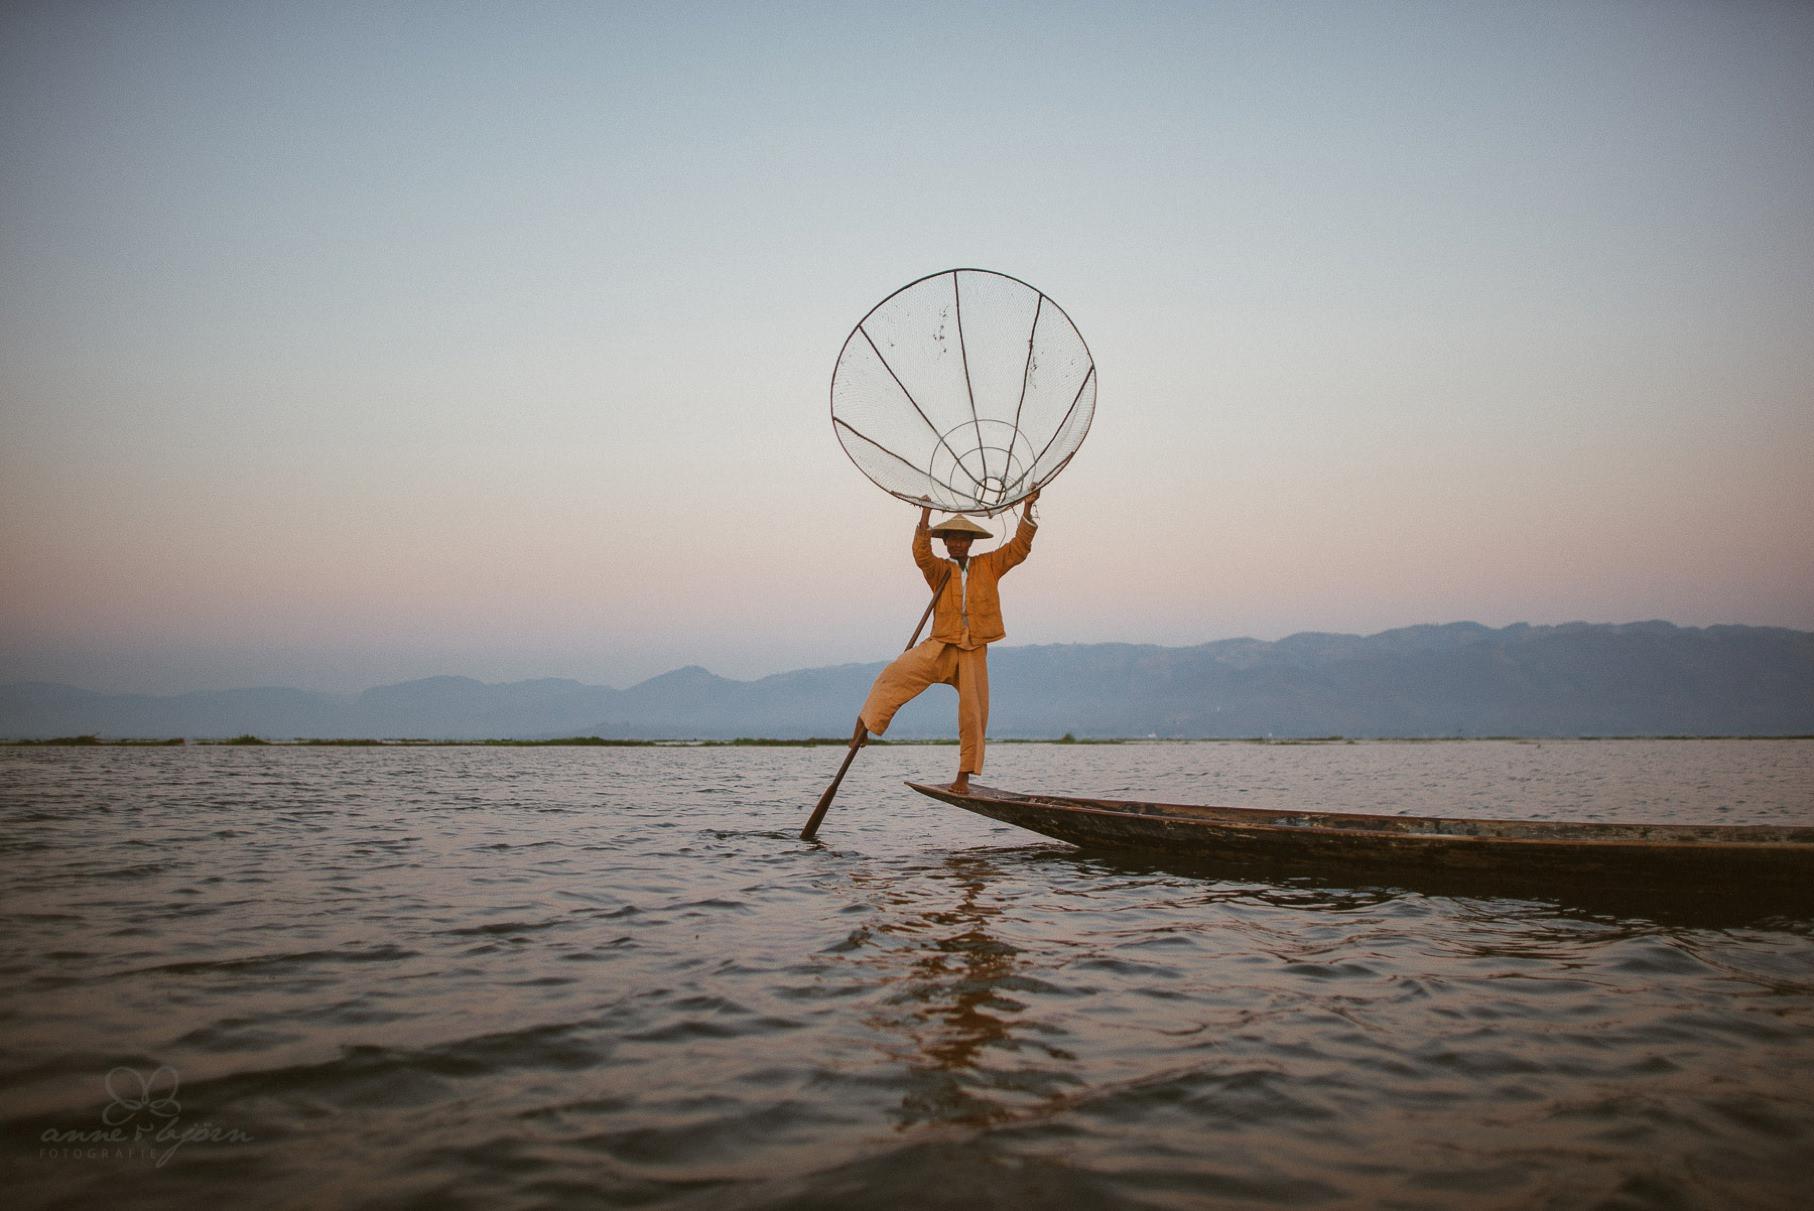 0066 inle lake trekking d75 1077 - Trekking von Kalaw zum Inle-See - Myanmar / Burma